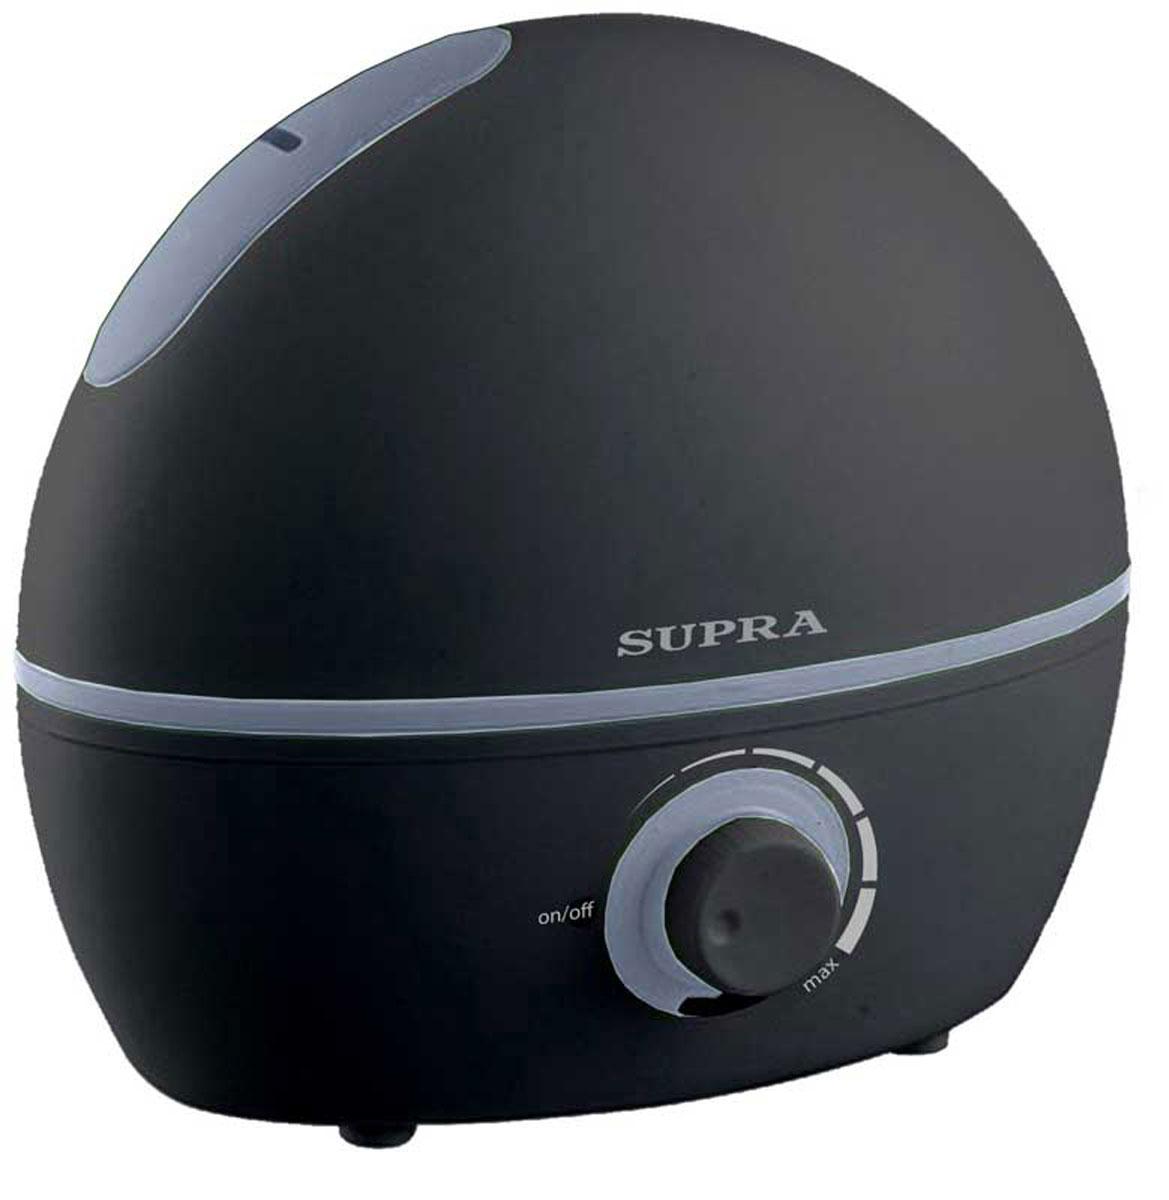 Supra HDS-102, Black увлажнитель воздуха